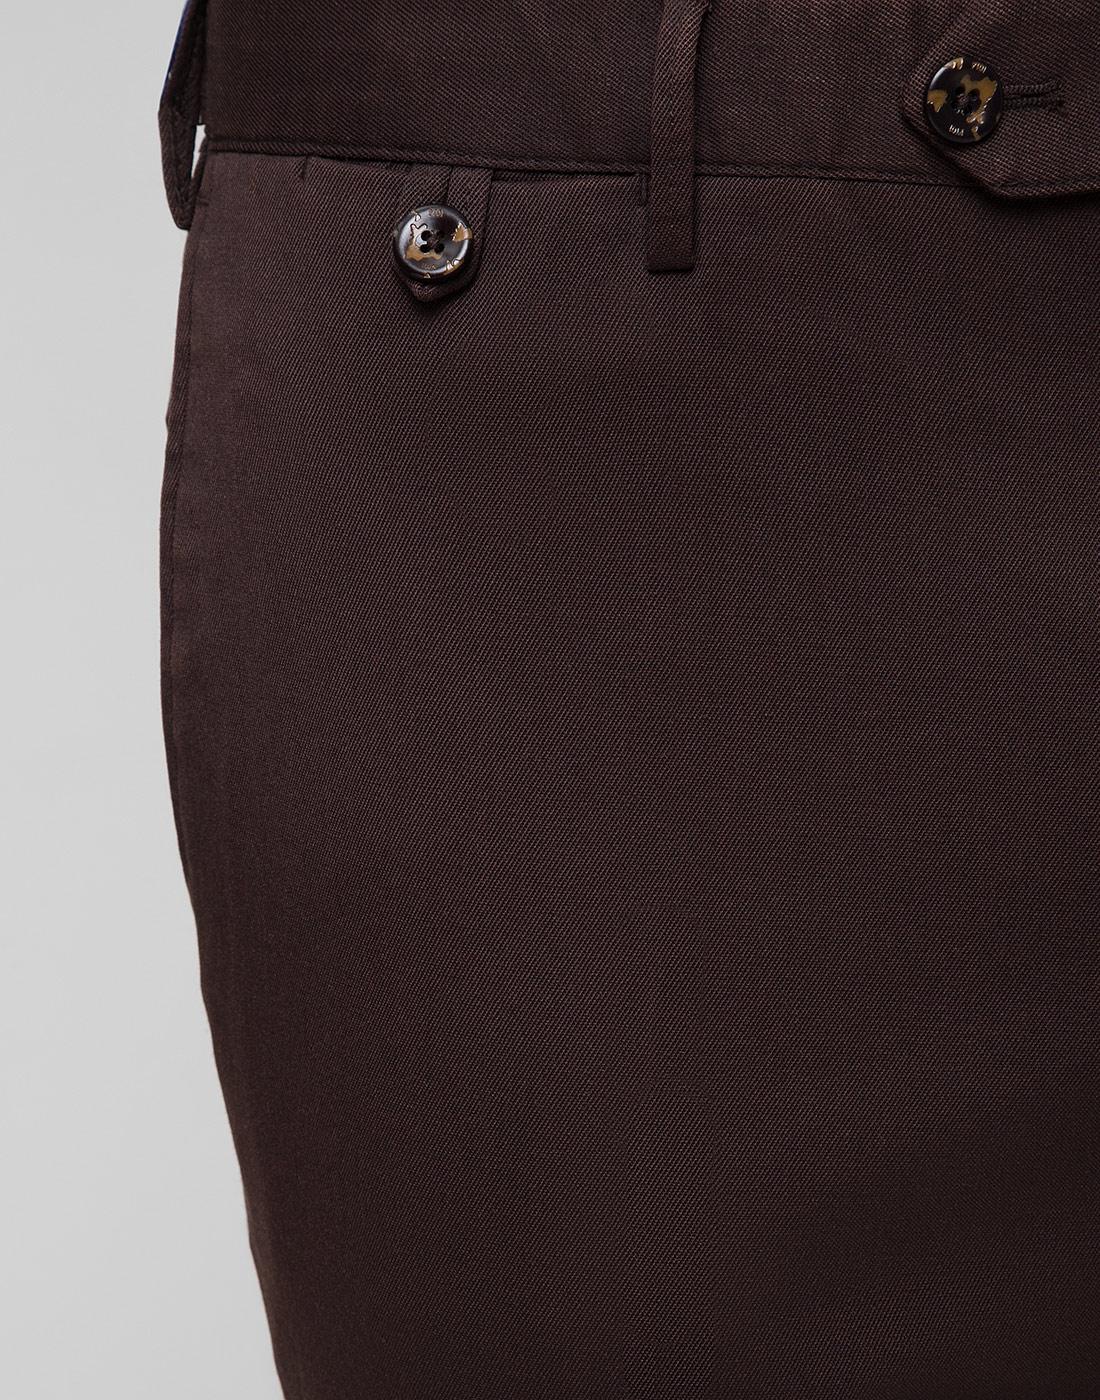 Мужские коричневые шерстяные брюки PT SIX17 0180-6